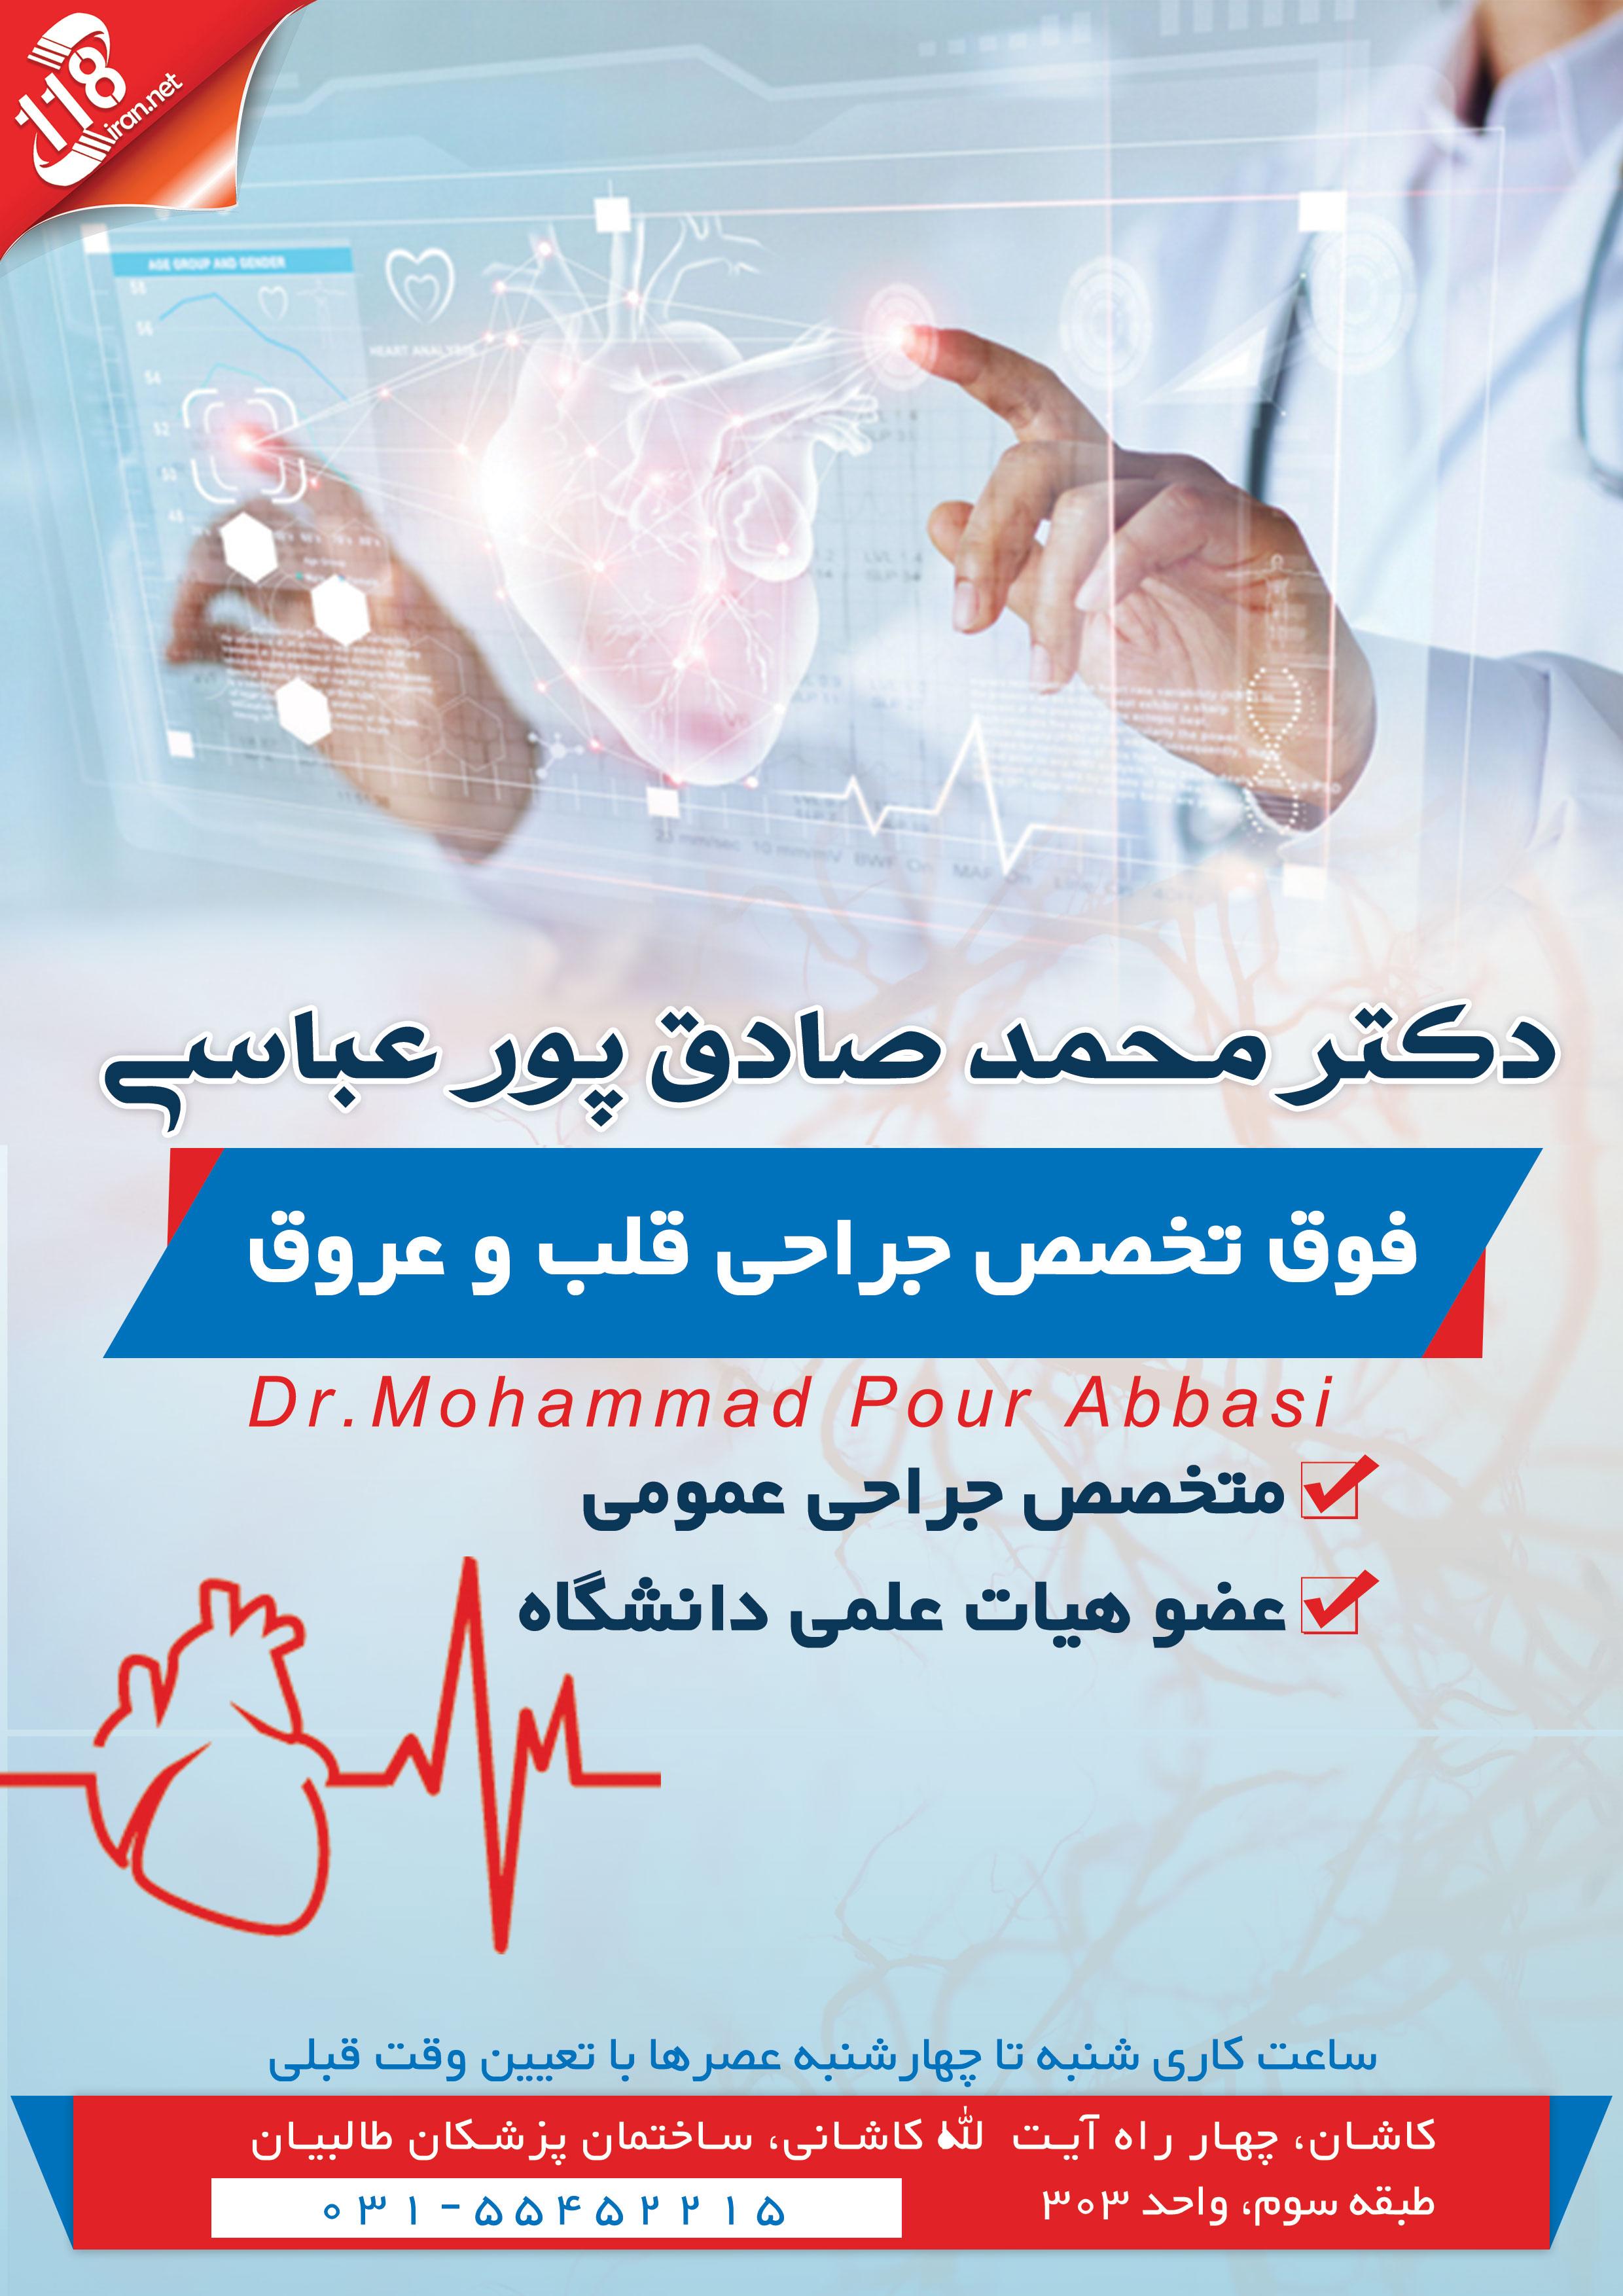 دکتر محمد صادق پور عباسی در کاشان